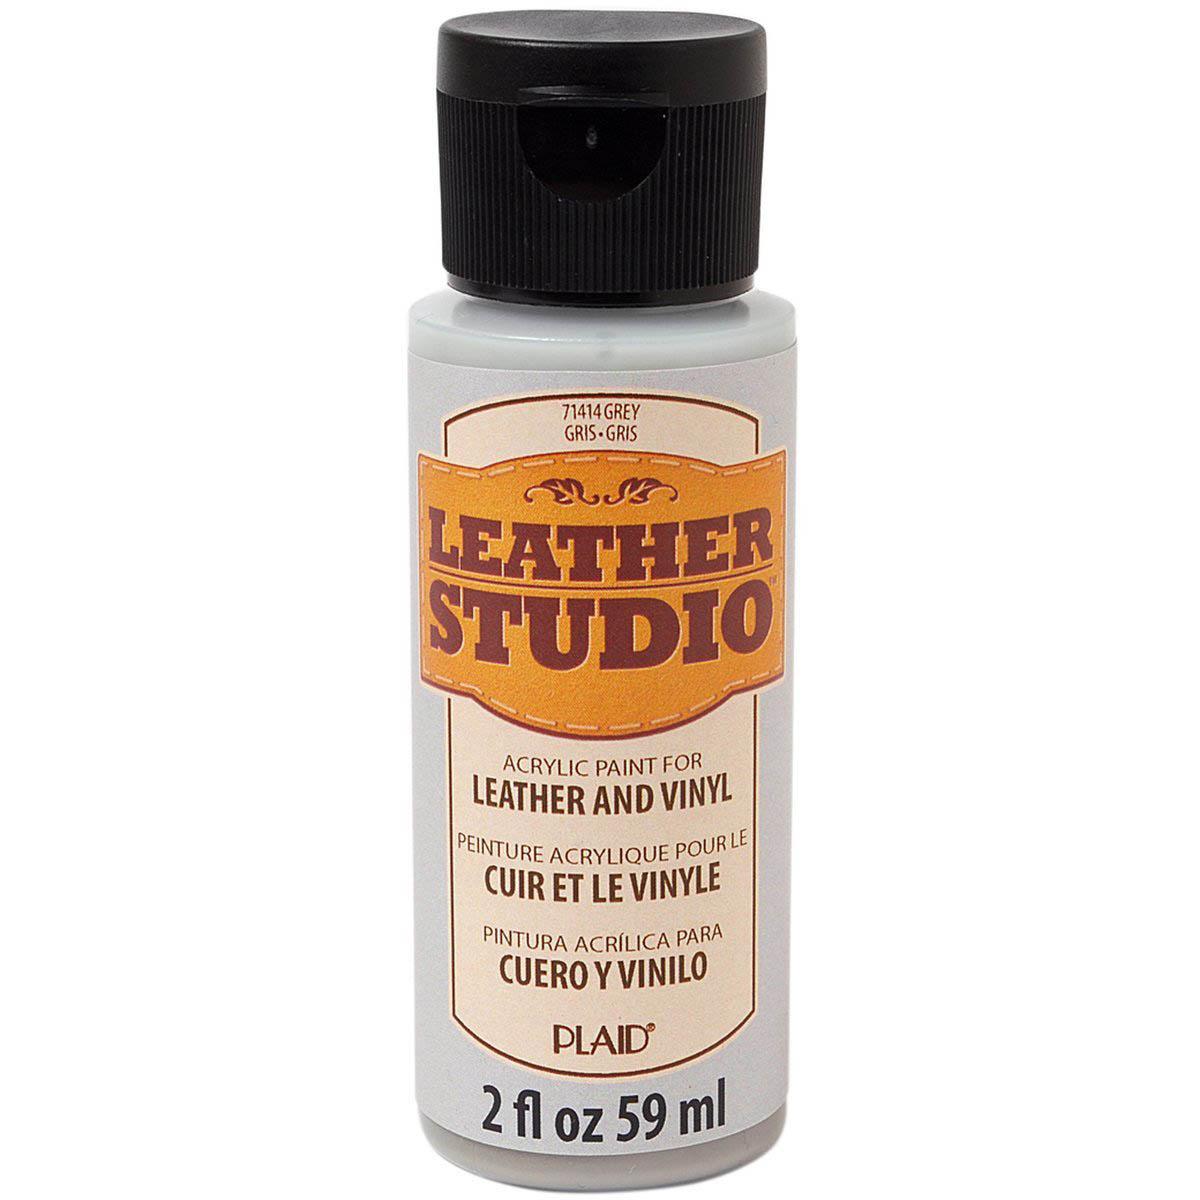 Leather Studio™ Leather & Vinyl Paint Colors - Grey, 2 oz.